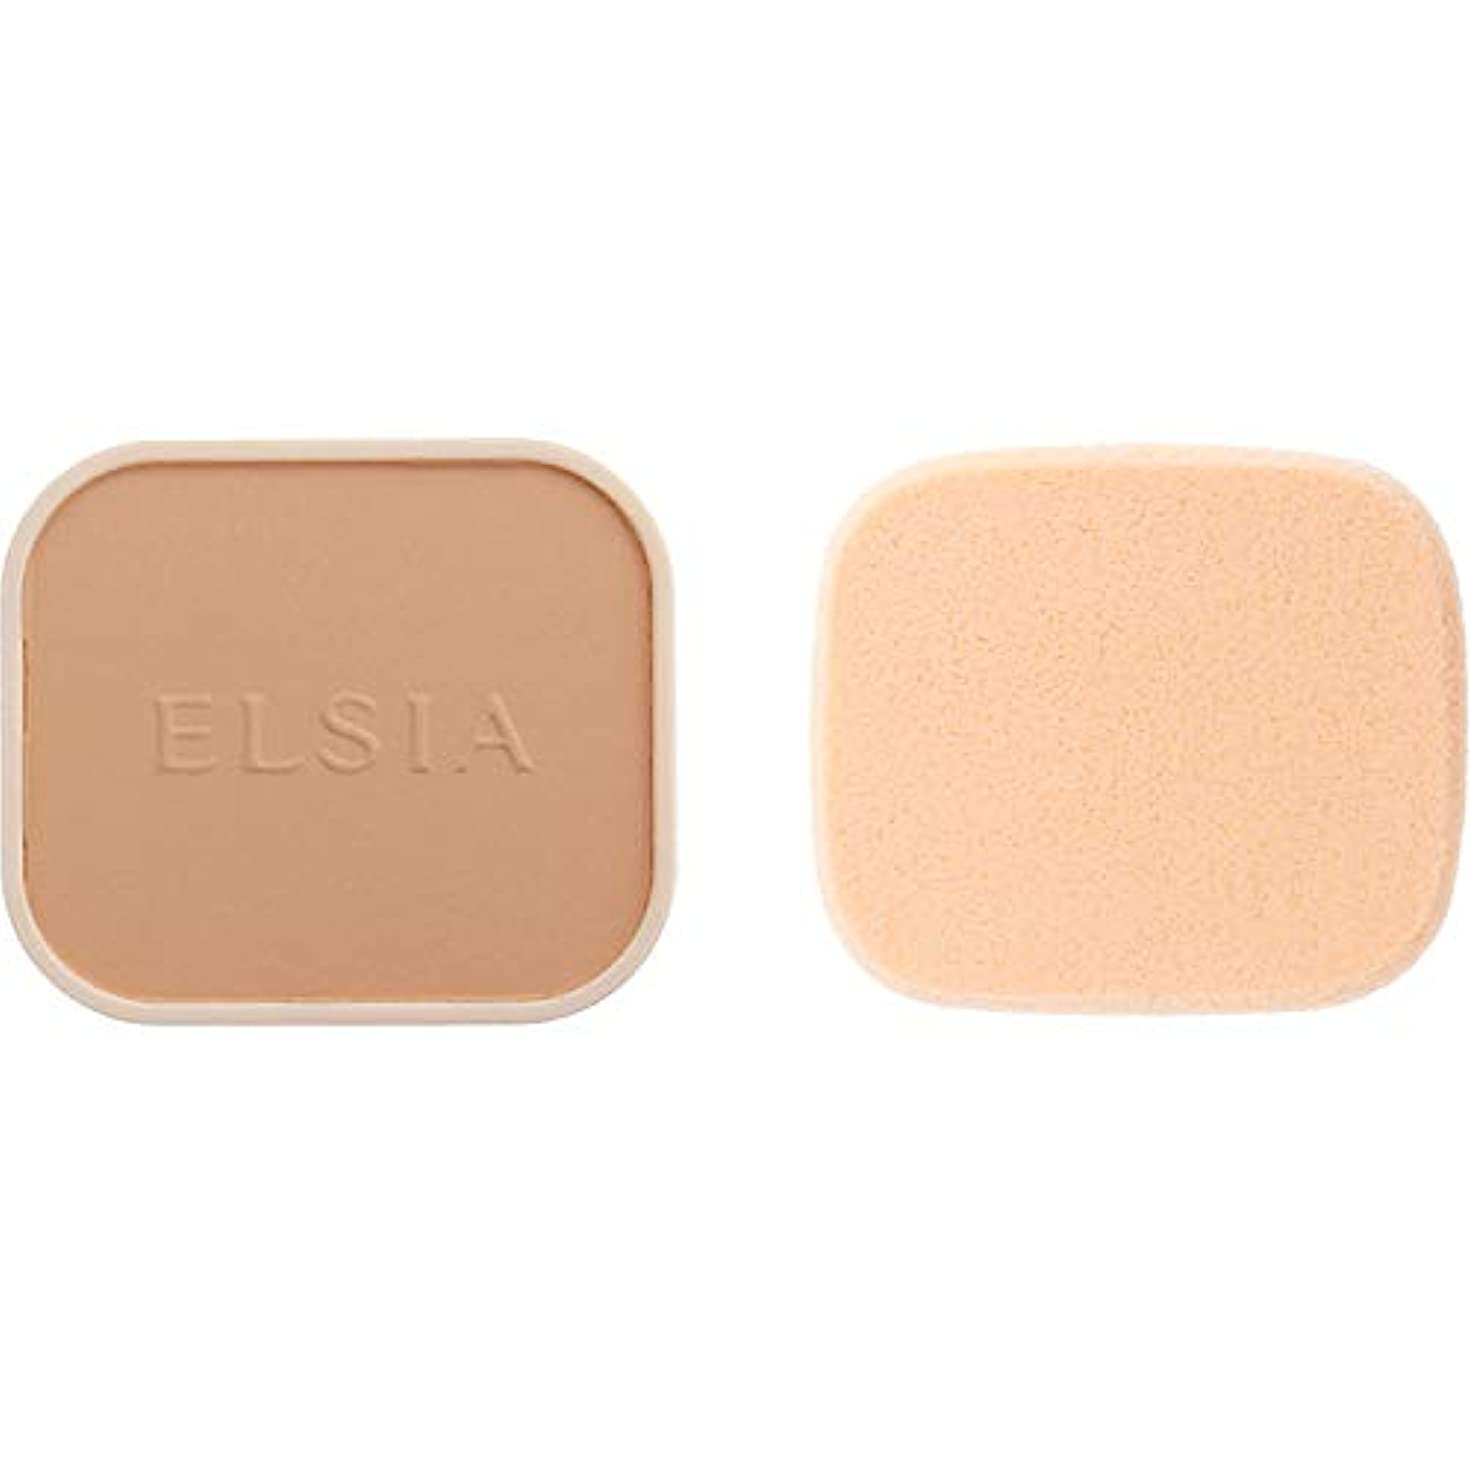 かすかなサイドボードもっと少なくエルシア プラチナム 化粧のり良好 モイストファンデーション(レフィル) オークル 410 9.3g